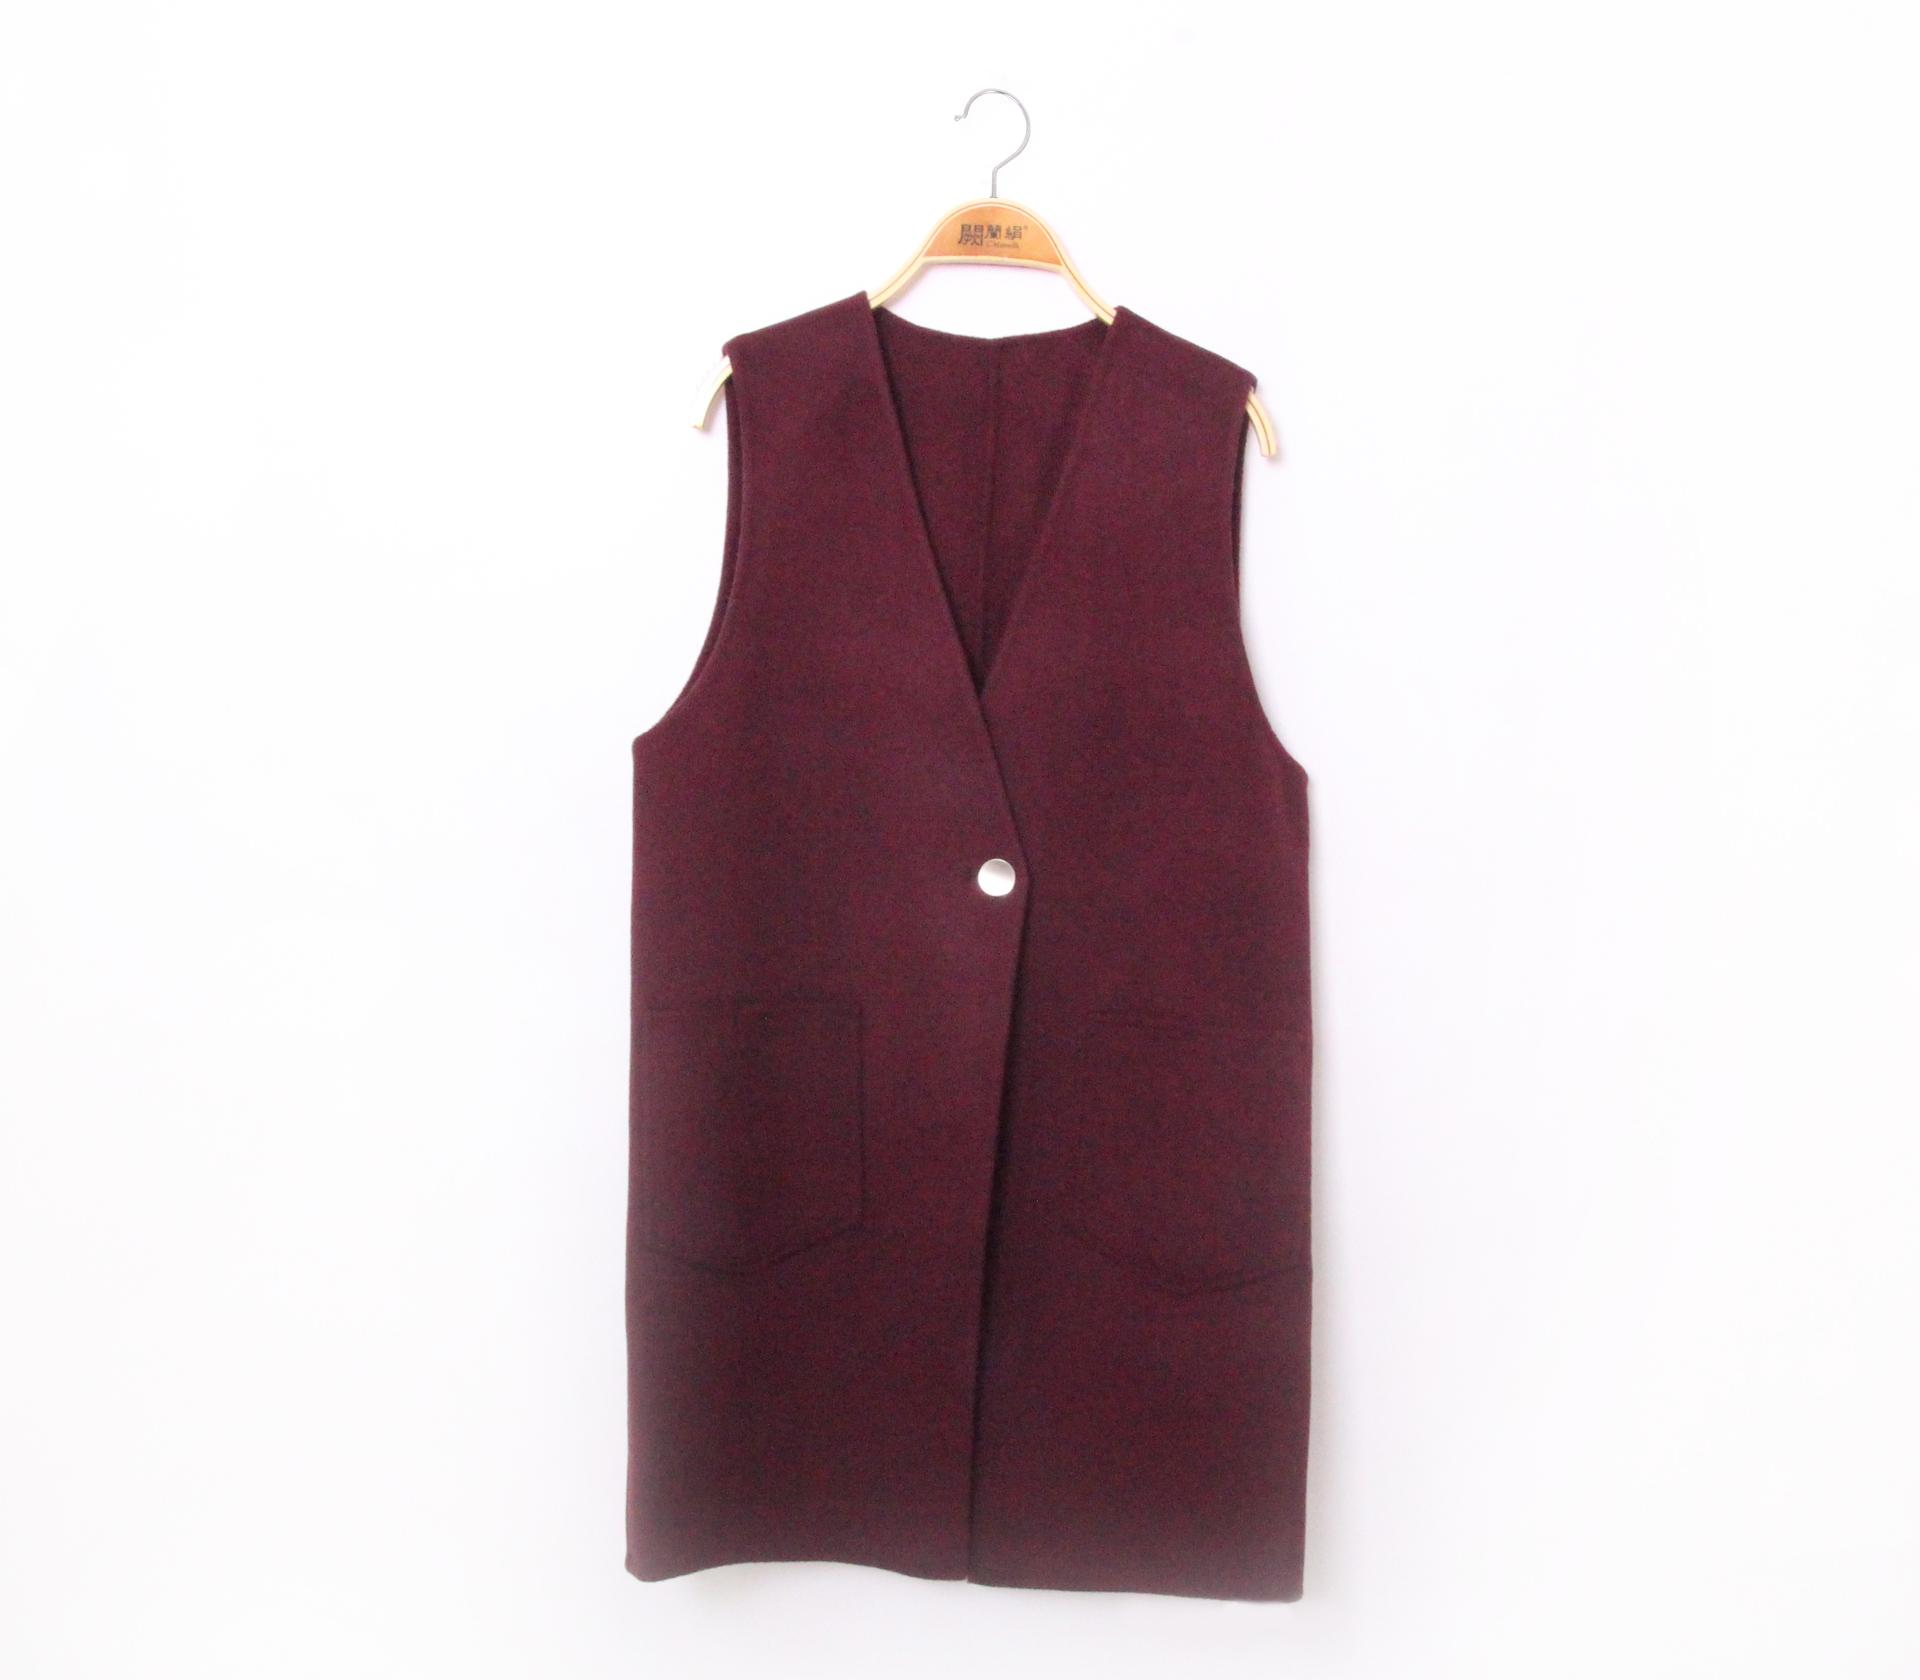 闕蘭絹簡約版長版羊毛背心-紅色-291-3